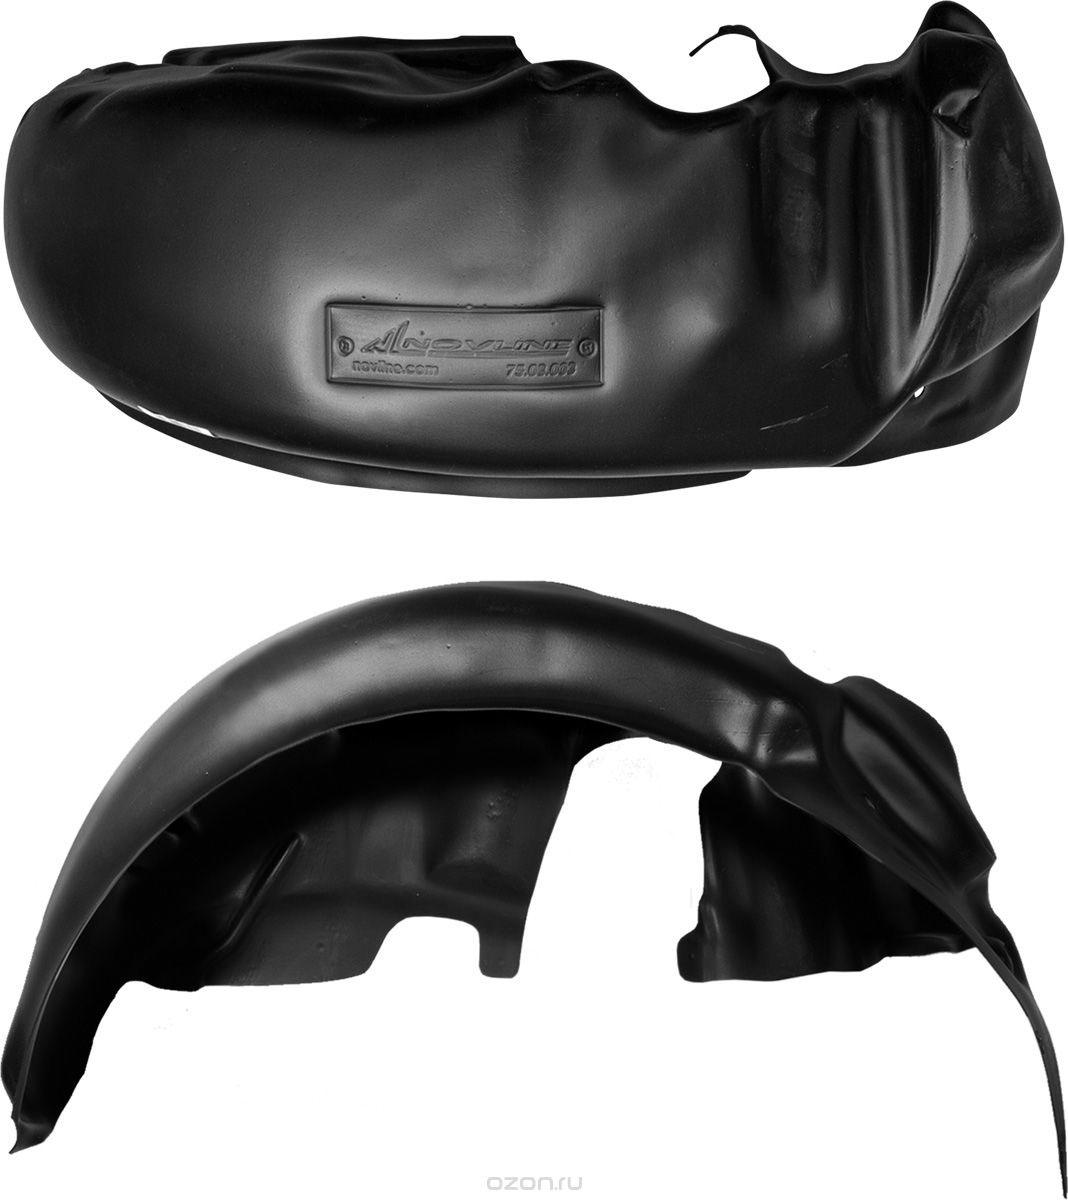 Подкрылок Novline-Autofamily, для Geely GC6, 2014->, задний правыйNLL.75.08.004Идеальная защита колесной ниши. Локеры разработаны с применением цифровых технологий, гарантируют максимальную повторяемость поверхности арки. Изделия устанавливаются без нарушения лакокрасочного покрытия автомобиля, каждый подкрылок комплектуется крепежом. Уважаемые клиенты, обращаем ваше внимание, что фотографии на подкрылки универсальные и не отражают реальную форму изделия. При этом само изделие идет точно под размер указанного автомобиля.